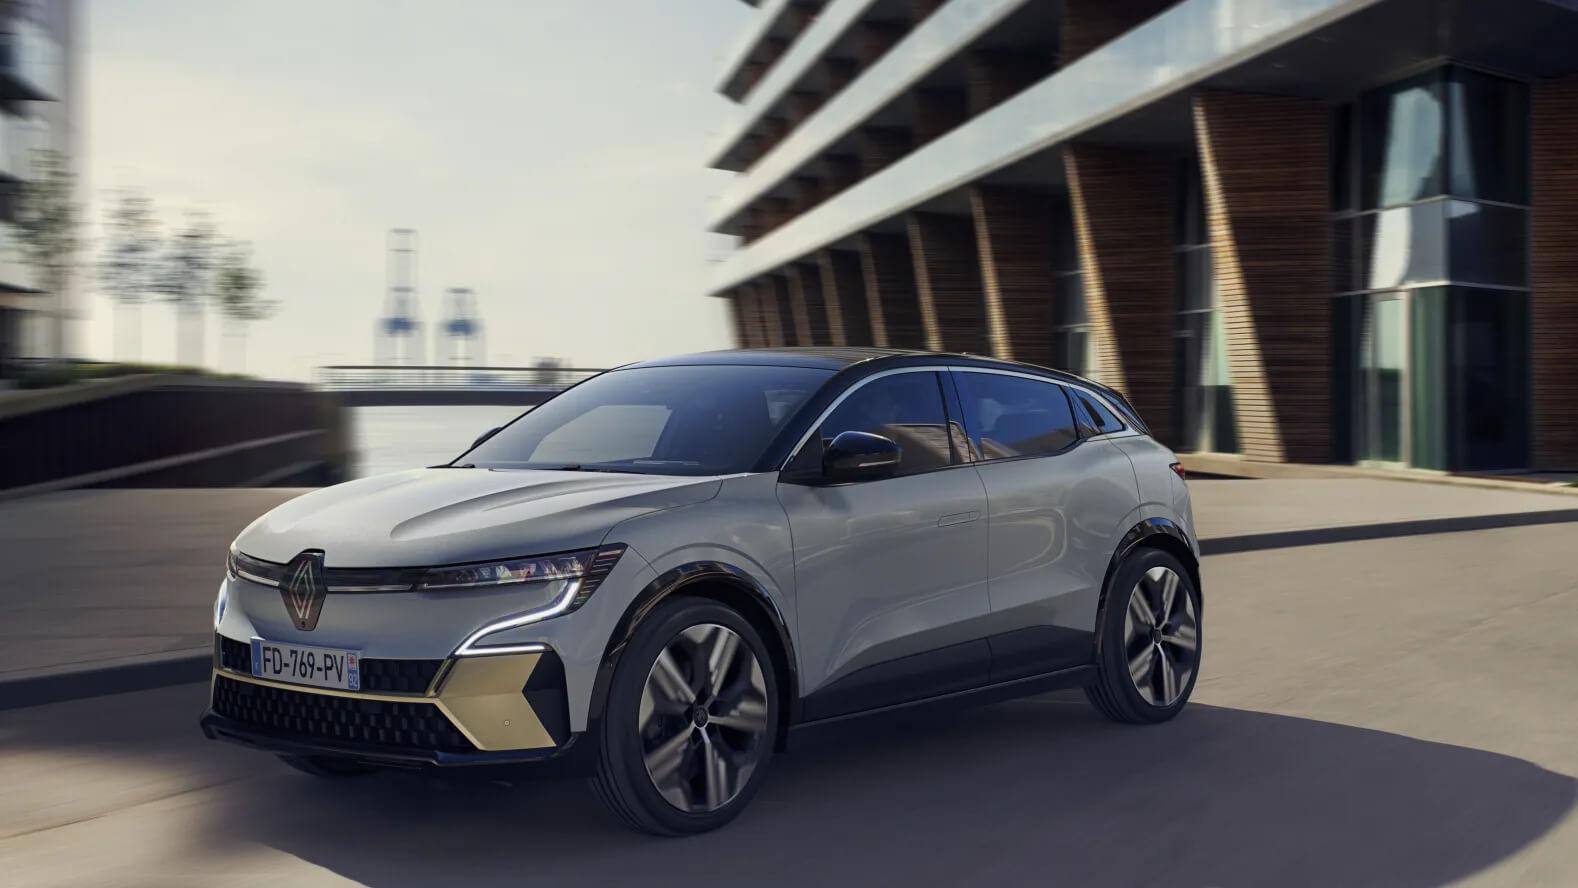 Verdenspremiere! <br> Renault Megane E-Tech electric